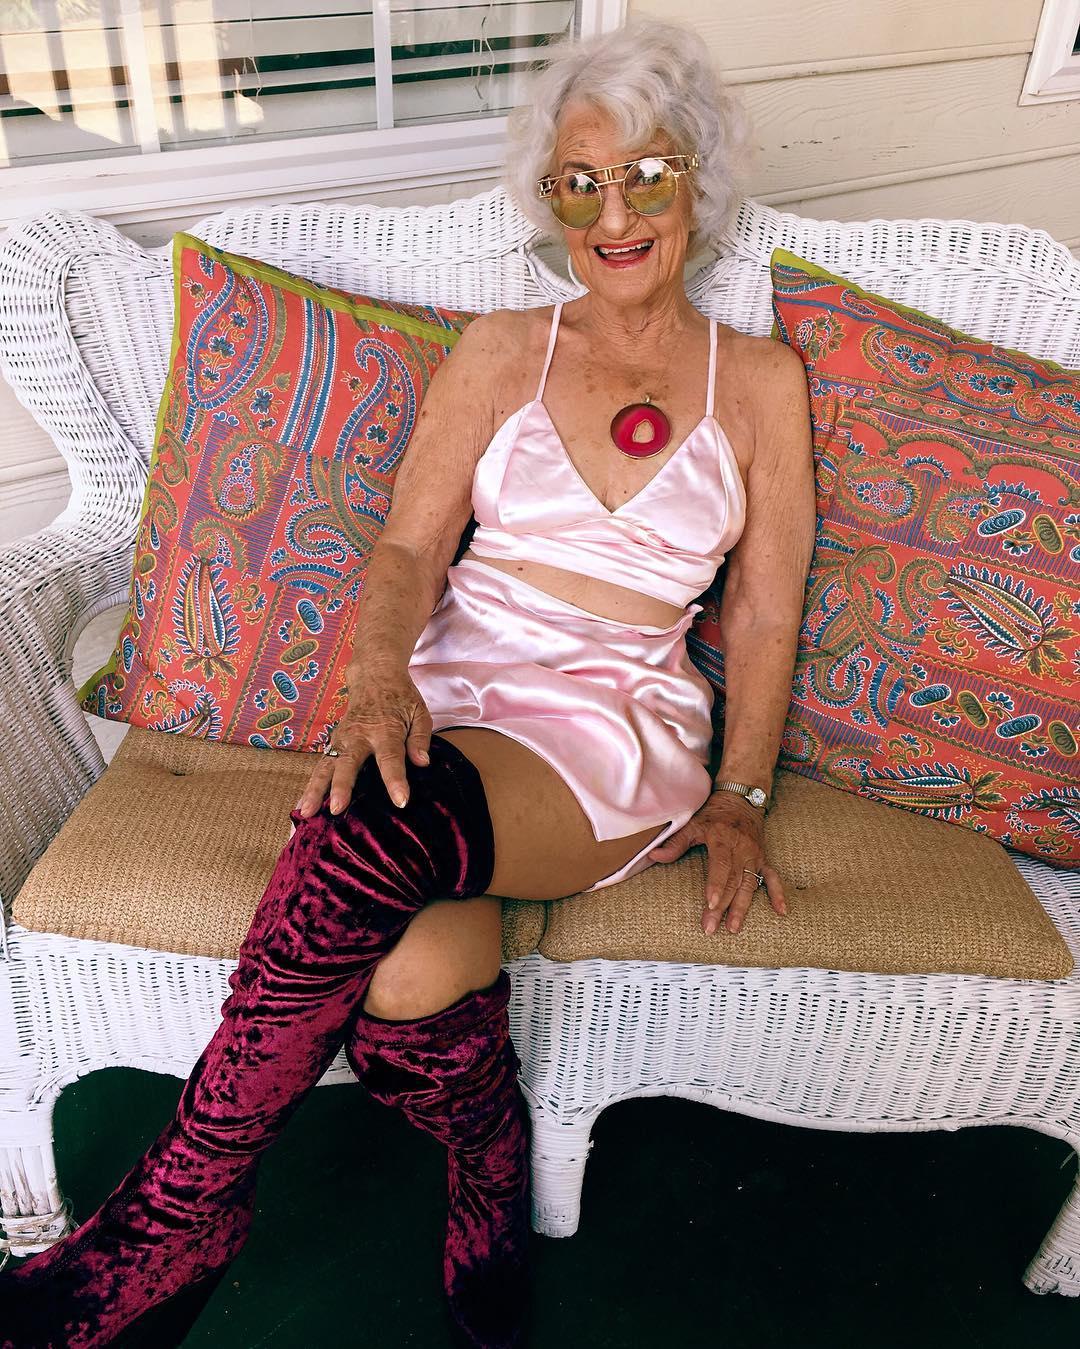 Пожилых фото секс старых американок девушку